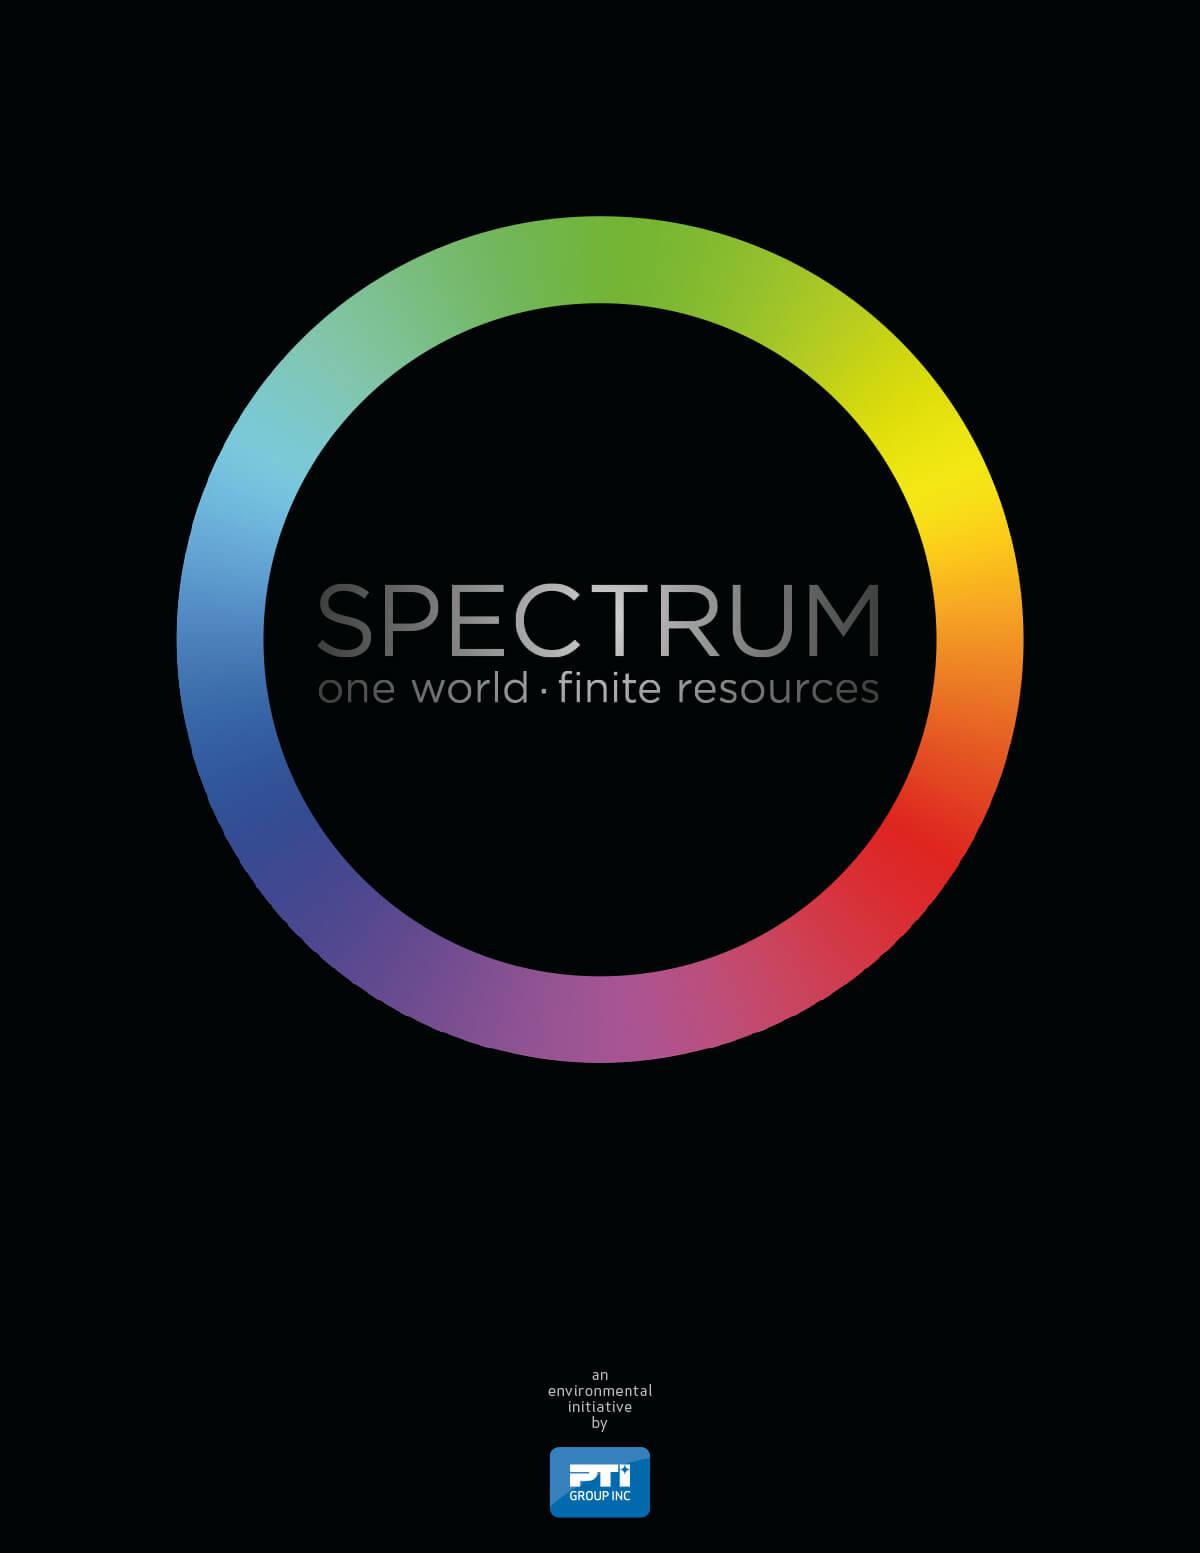 Spectrum Initiative